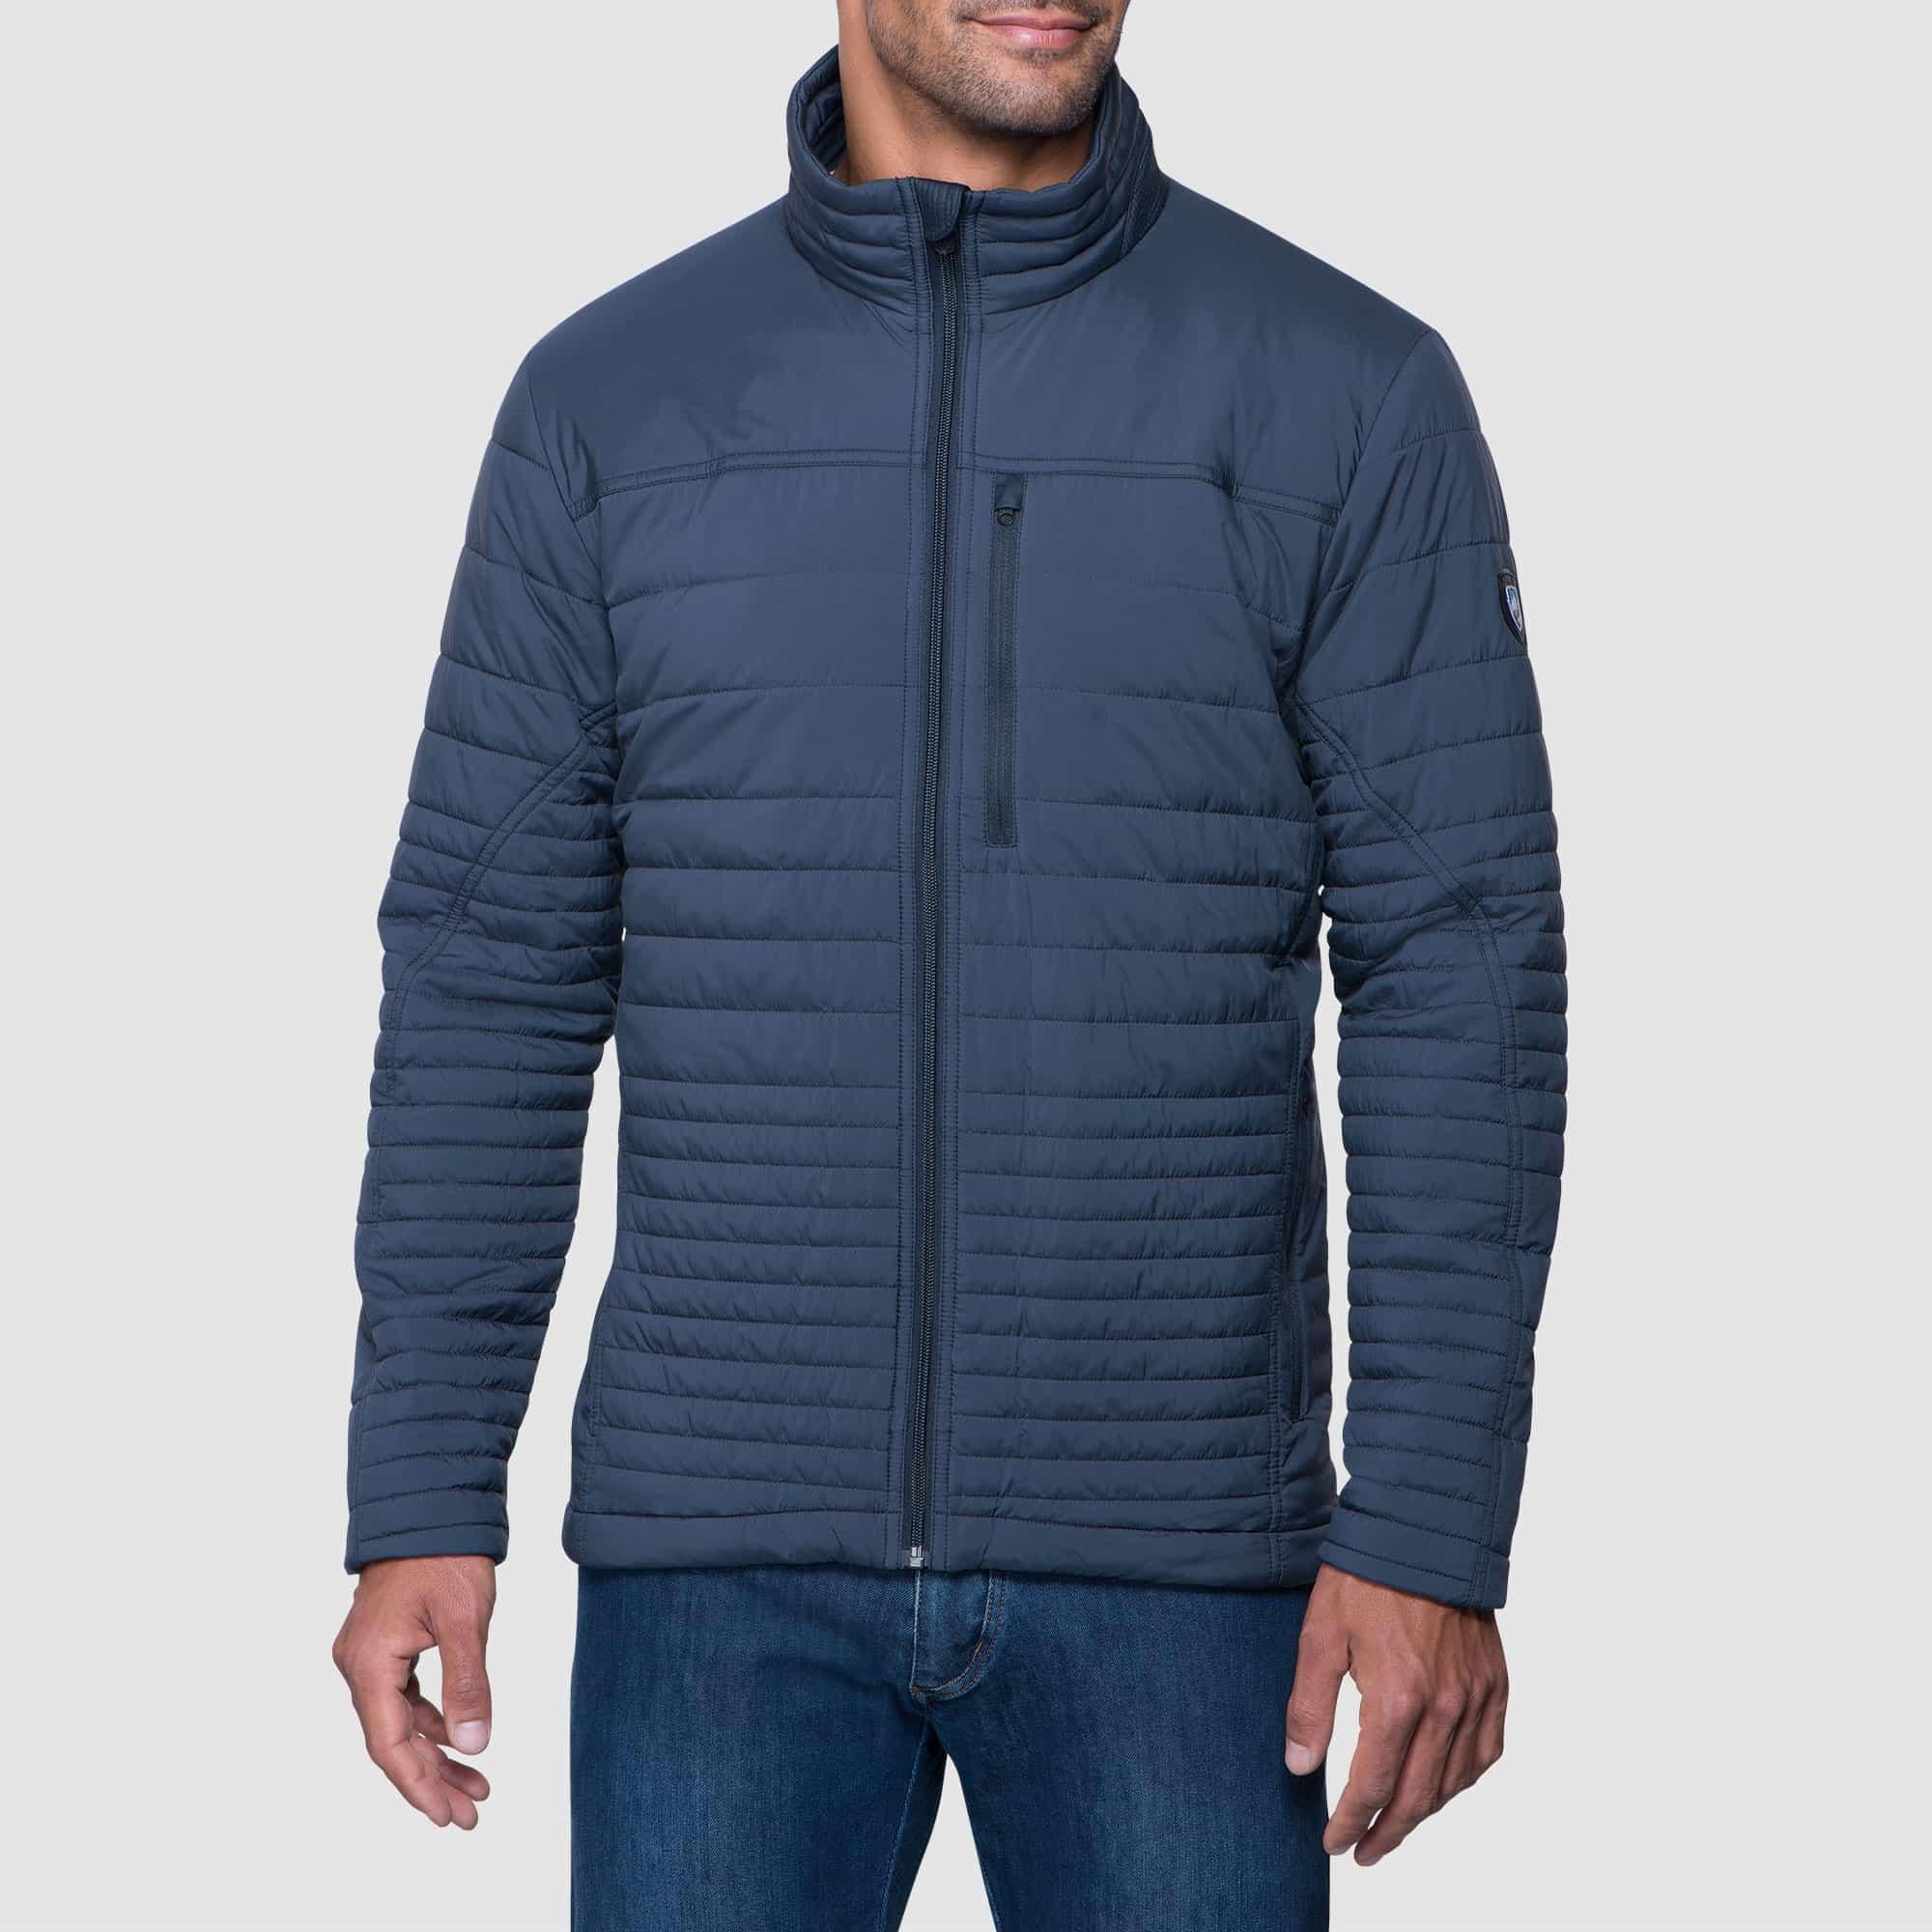 Kühl-FireKrakr Jacket - Men's